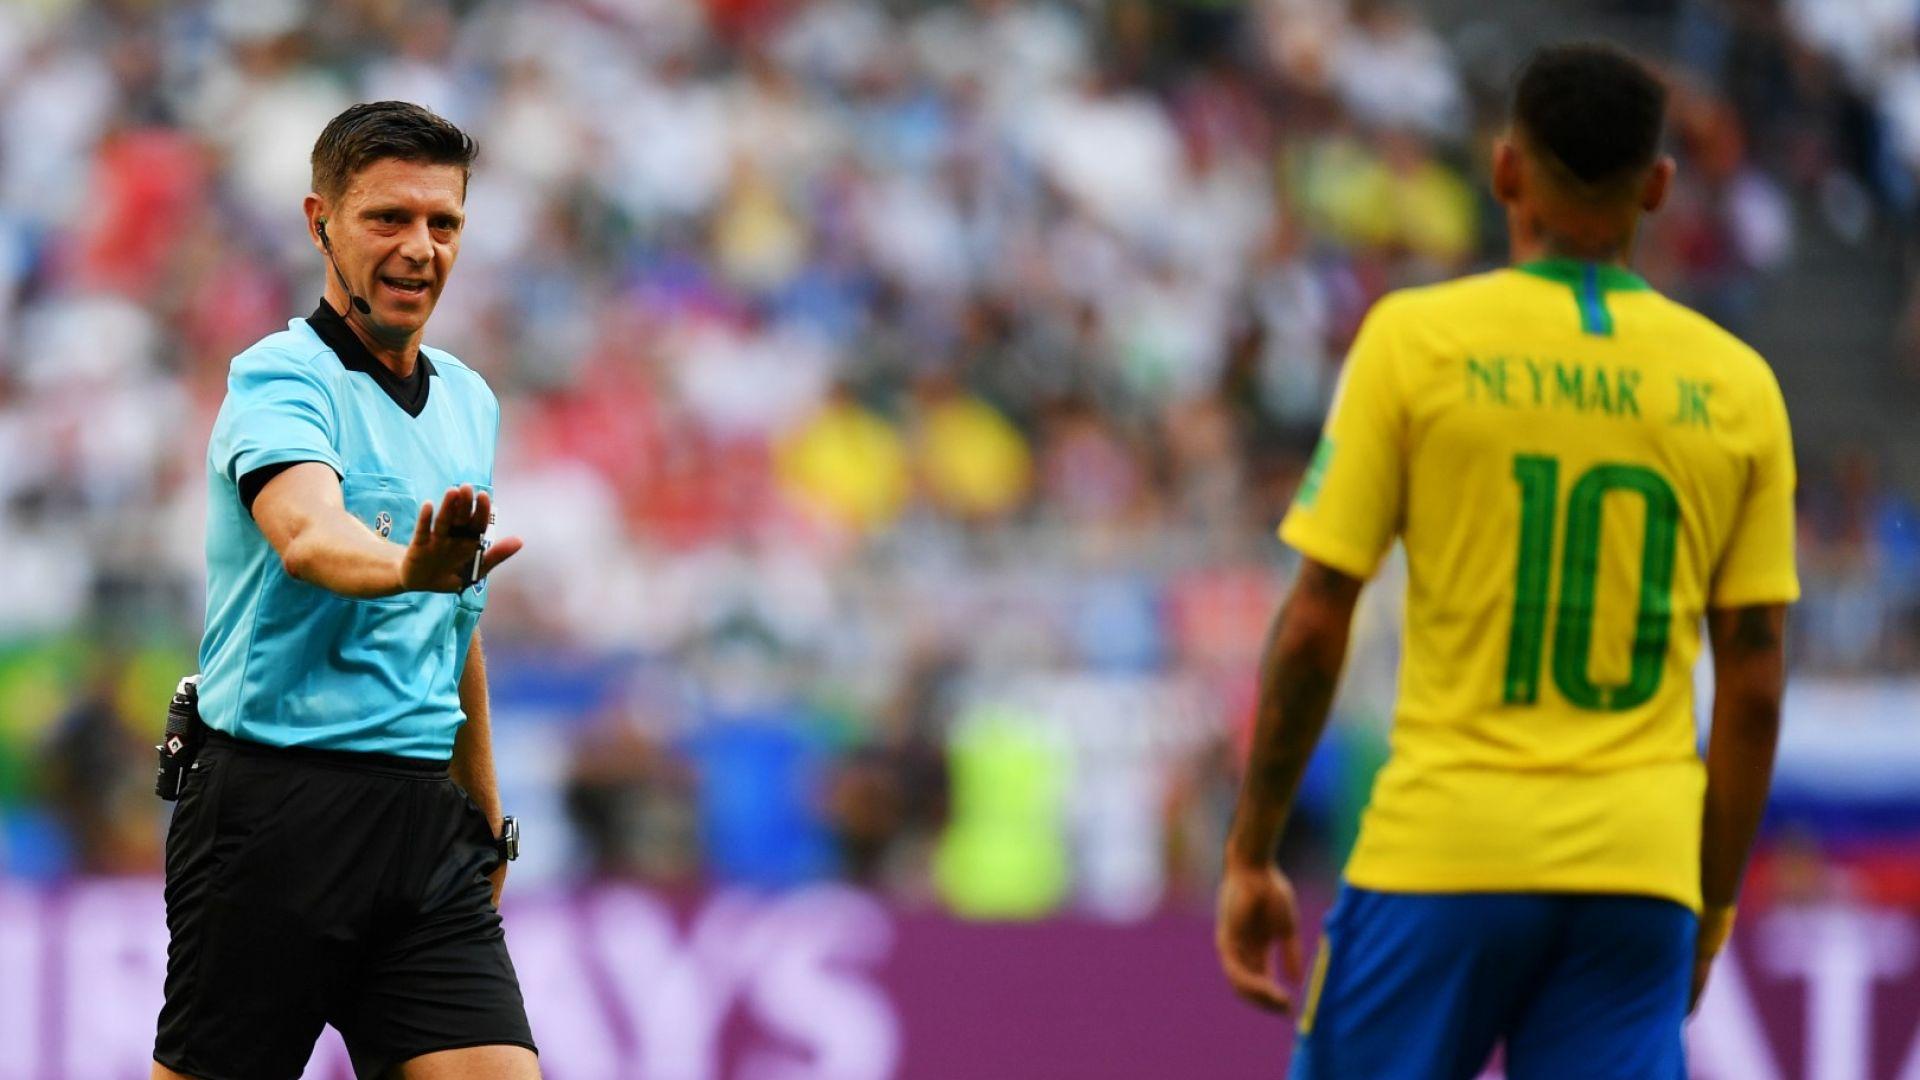 ФИФА избира между четирима съдии за финала, фаворитът е ясен